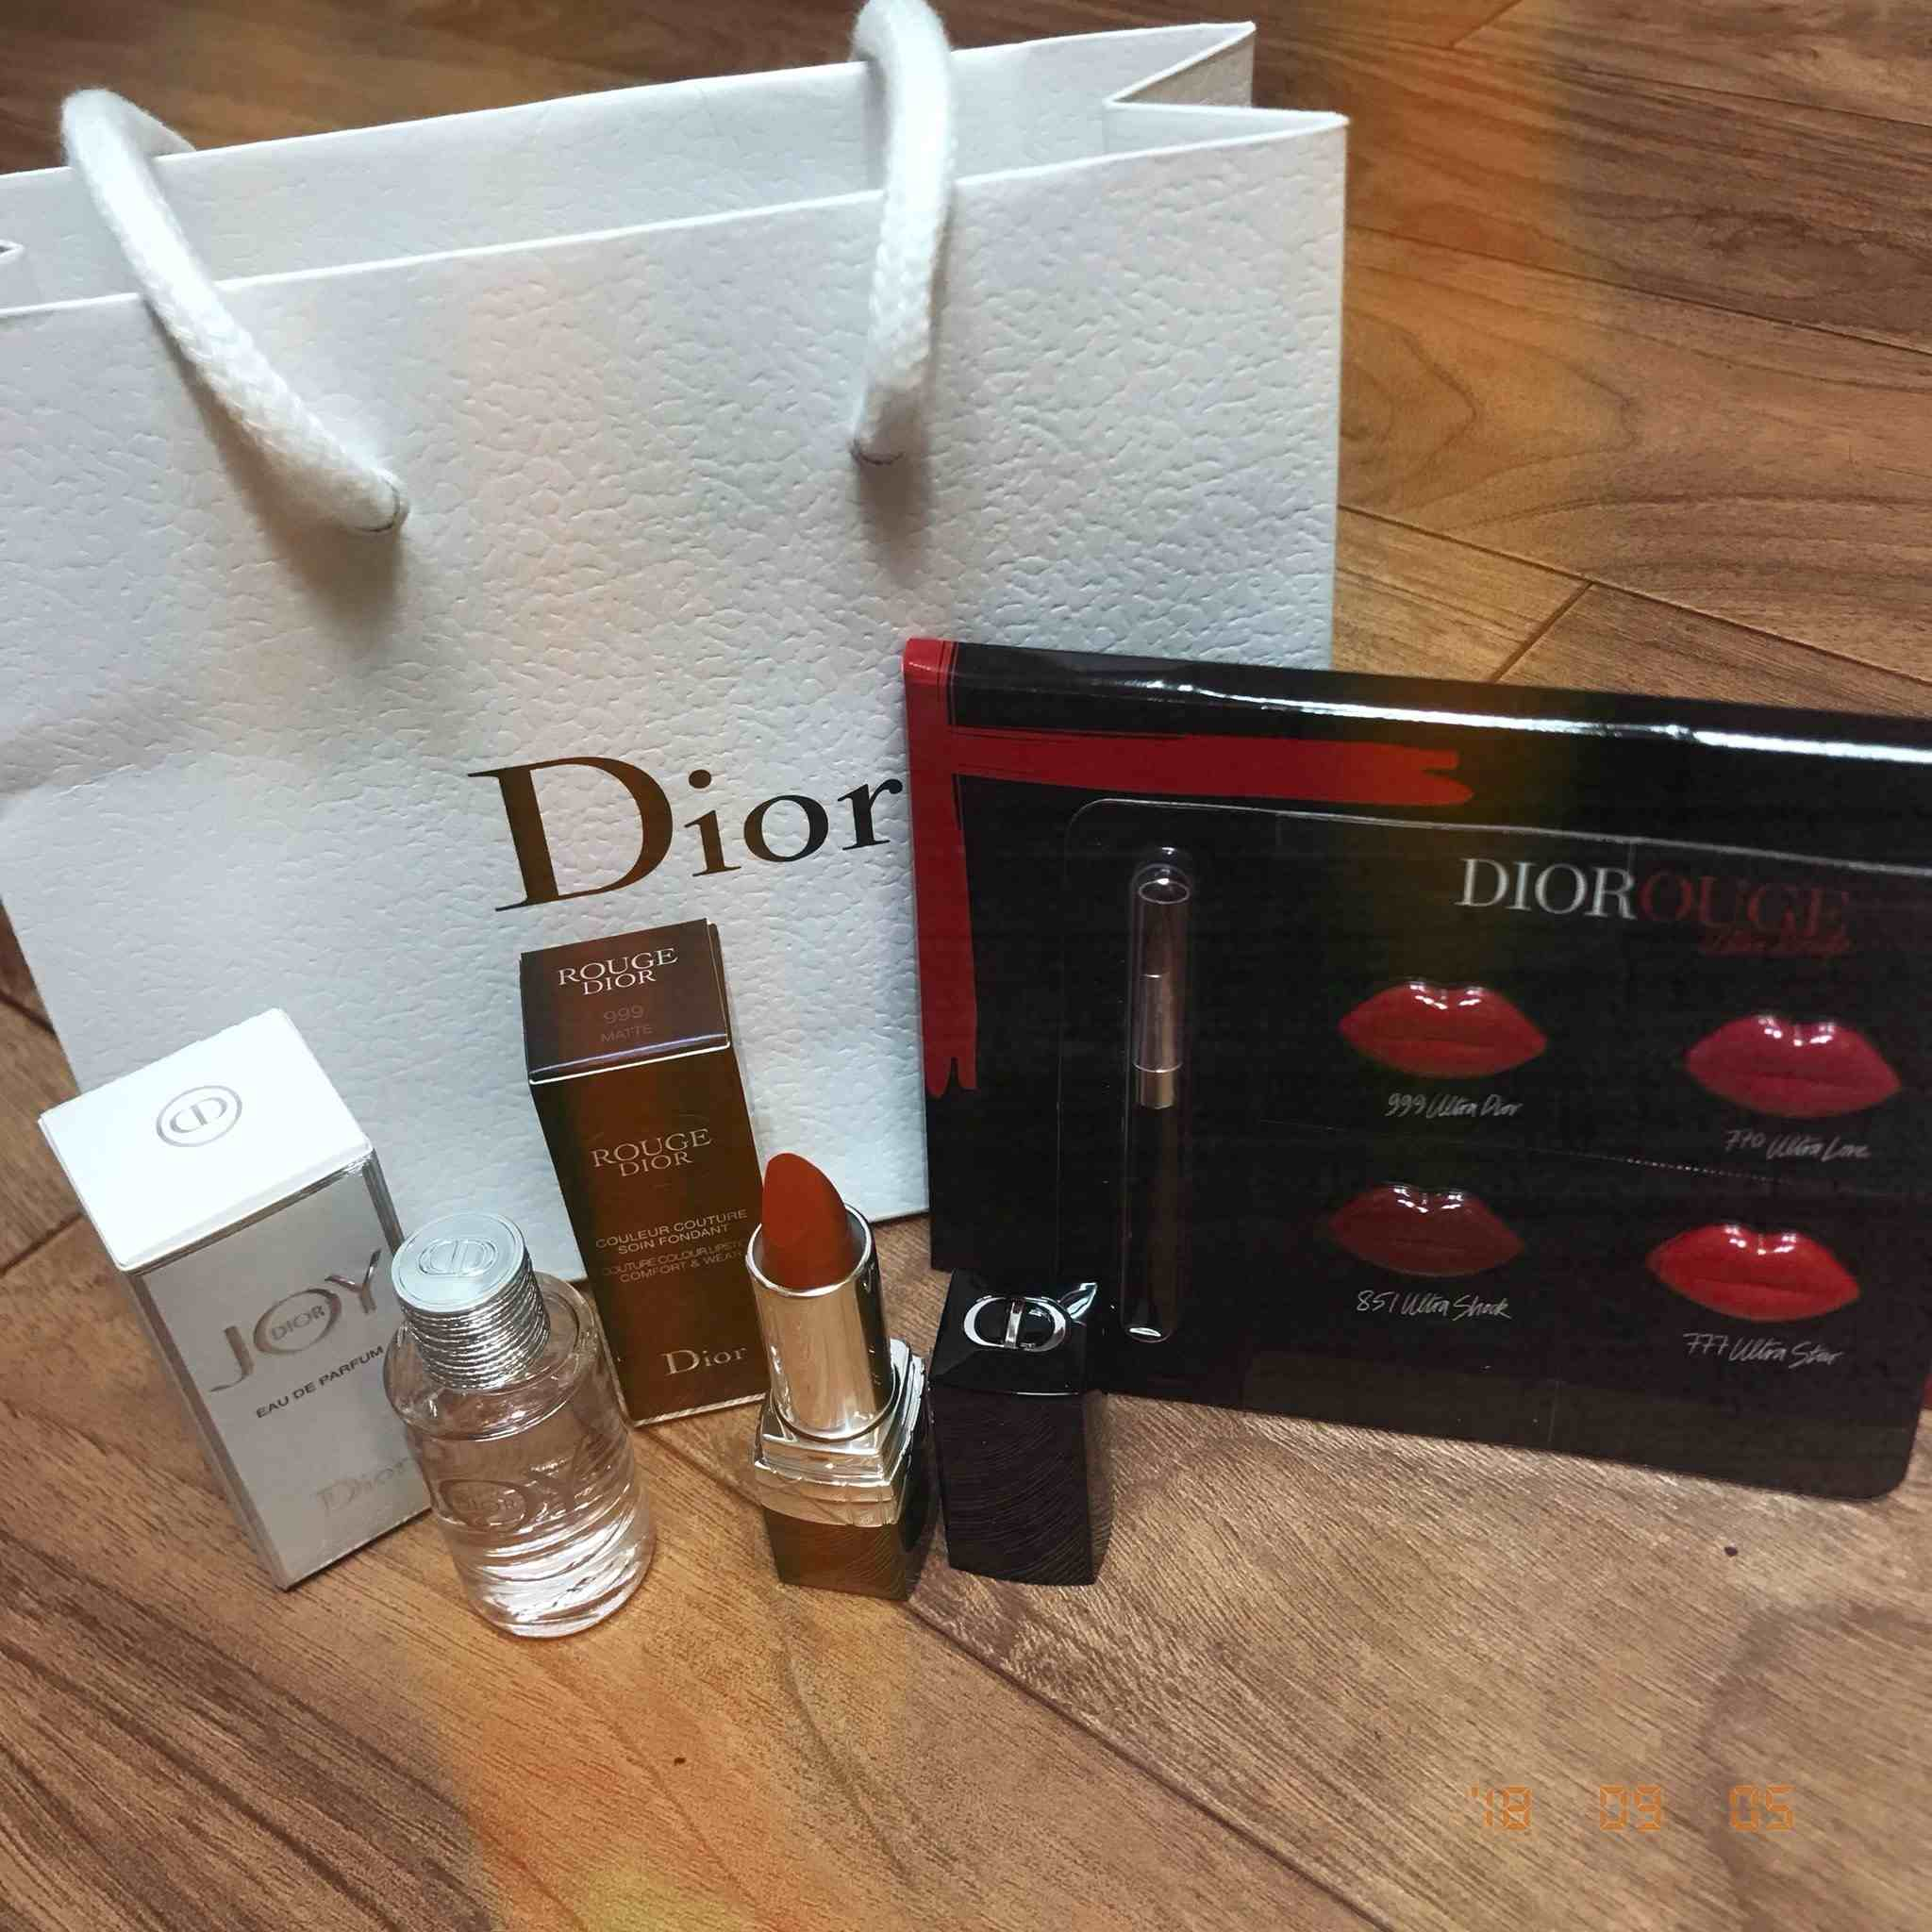 有參加的粉絲上傳當天收到的禮物,仔細一看內容物有Dior口紅、香水還有善美代言品牌Wella等等的美妝用品,這種等級應該比演唱會門票還貴吧XDD